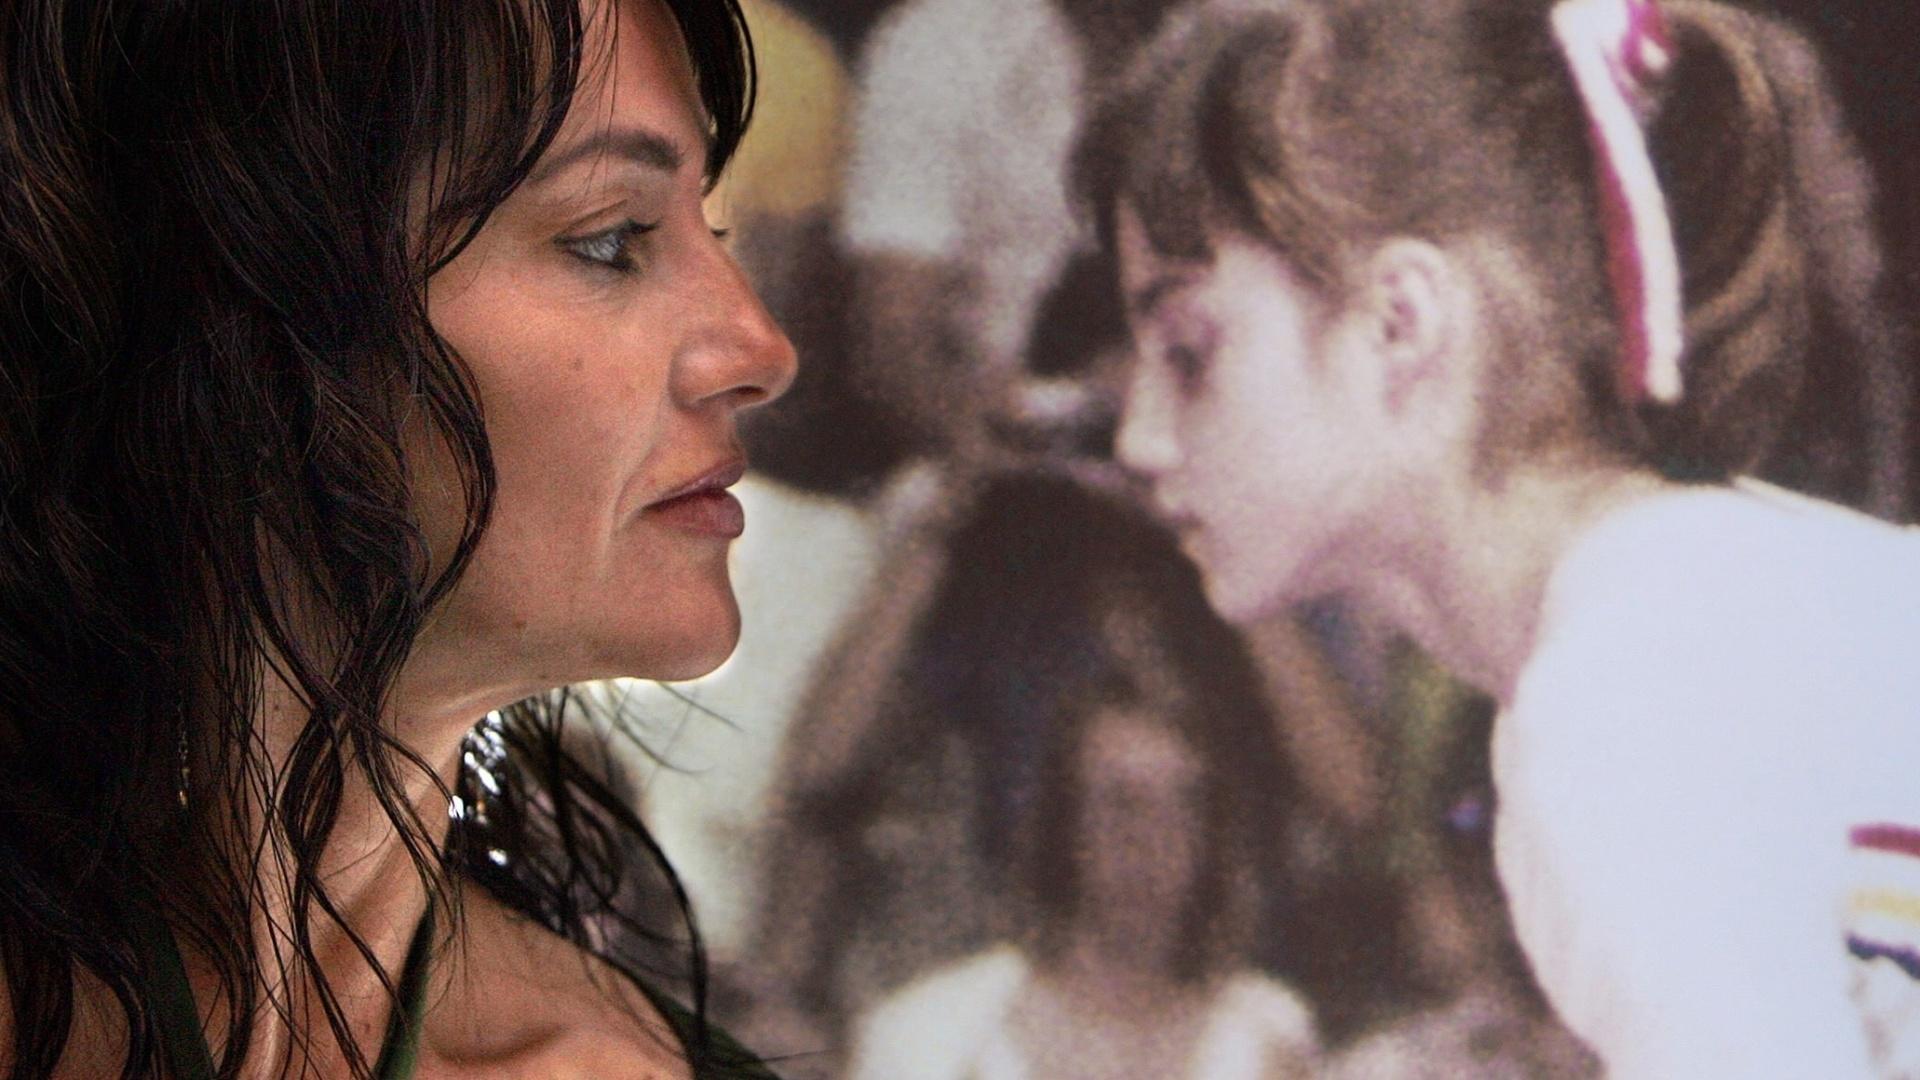 A romena Nadia Comaneci, ícone da ginástica, observa uma imagem dela mesma na época da primeira conquista dela em Jogos Olímpicos